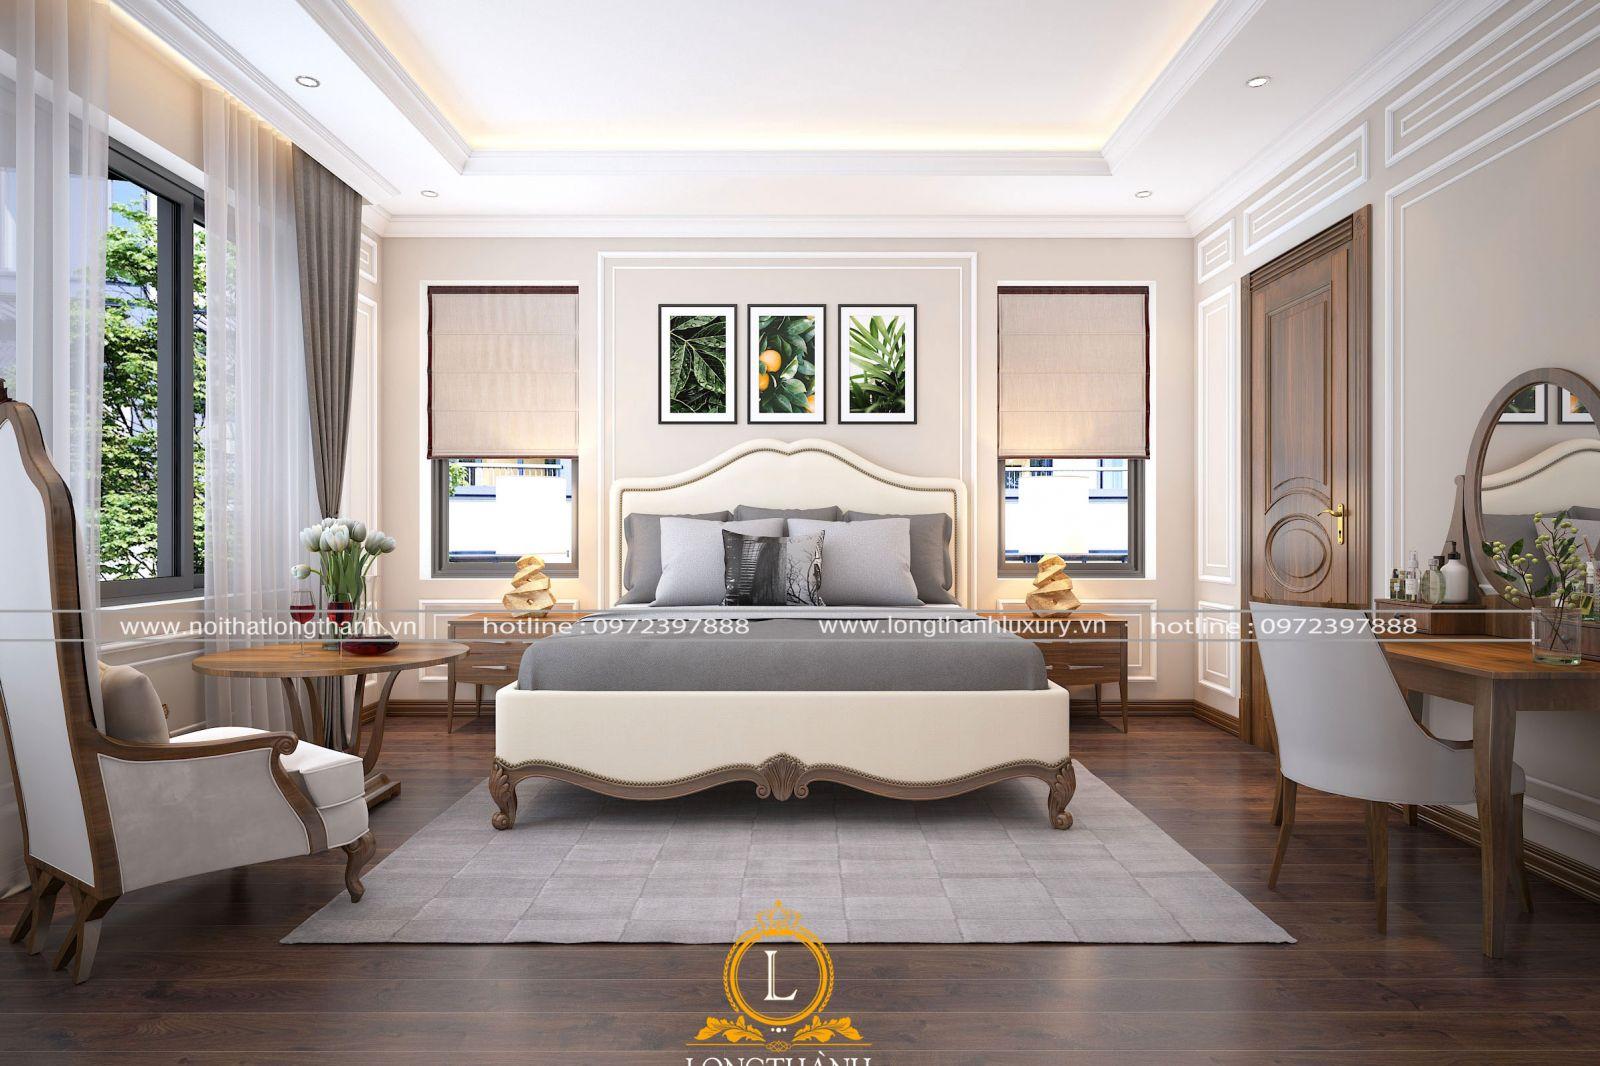 giường ngủ chất lượng cao cấp